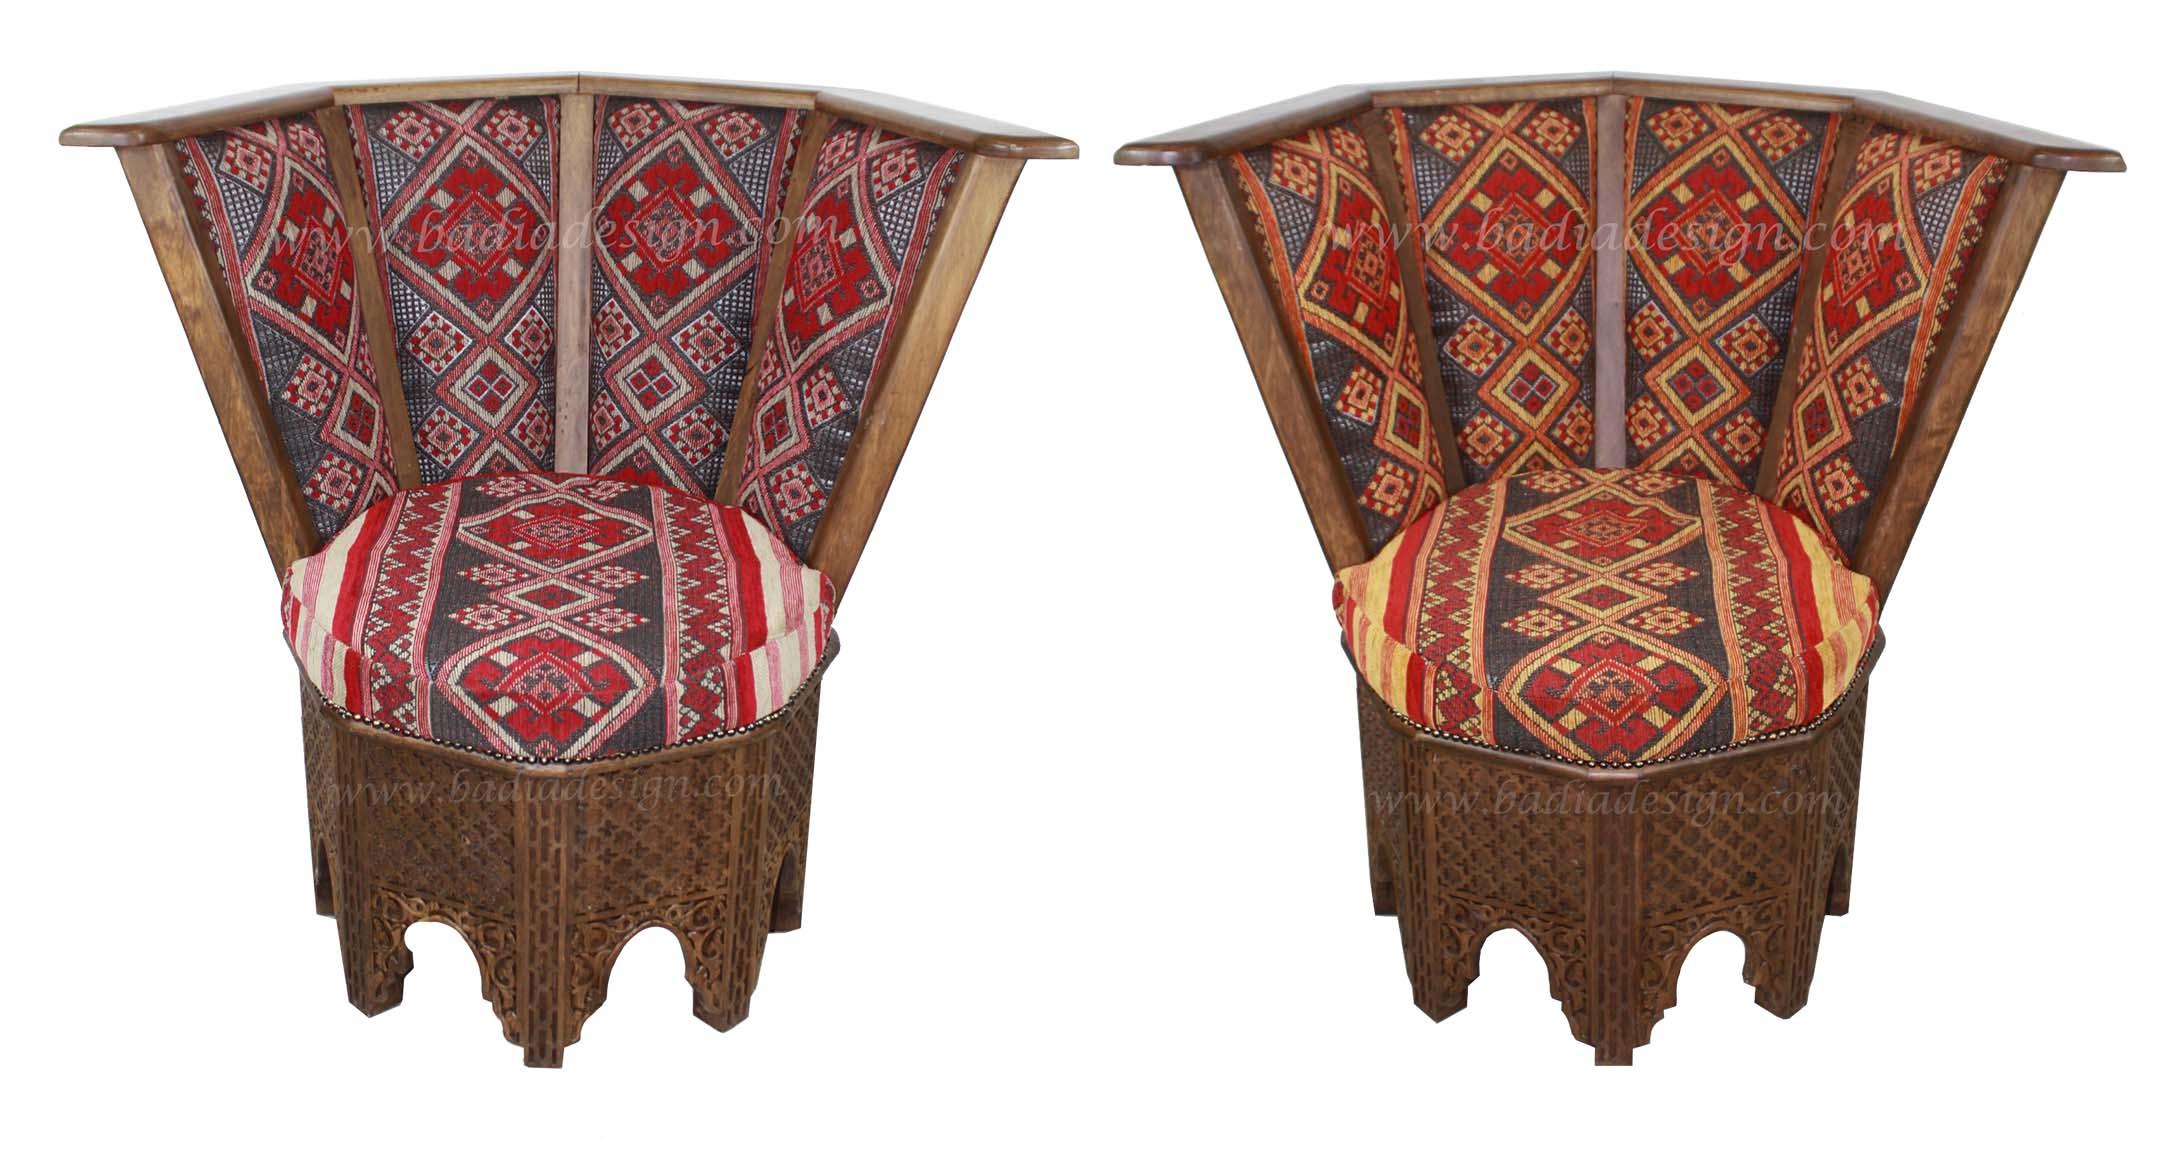 carved-wood-kilim-chair-cw-ch012.jpg